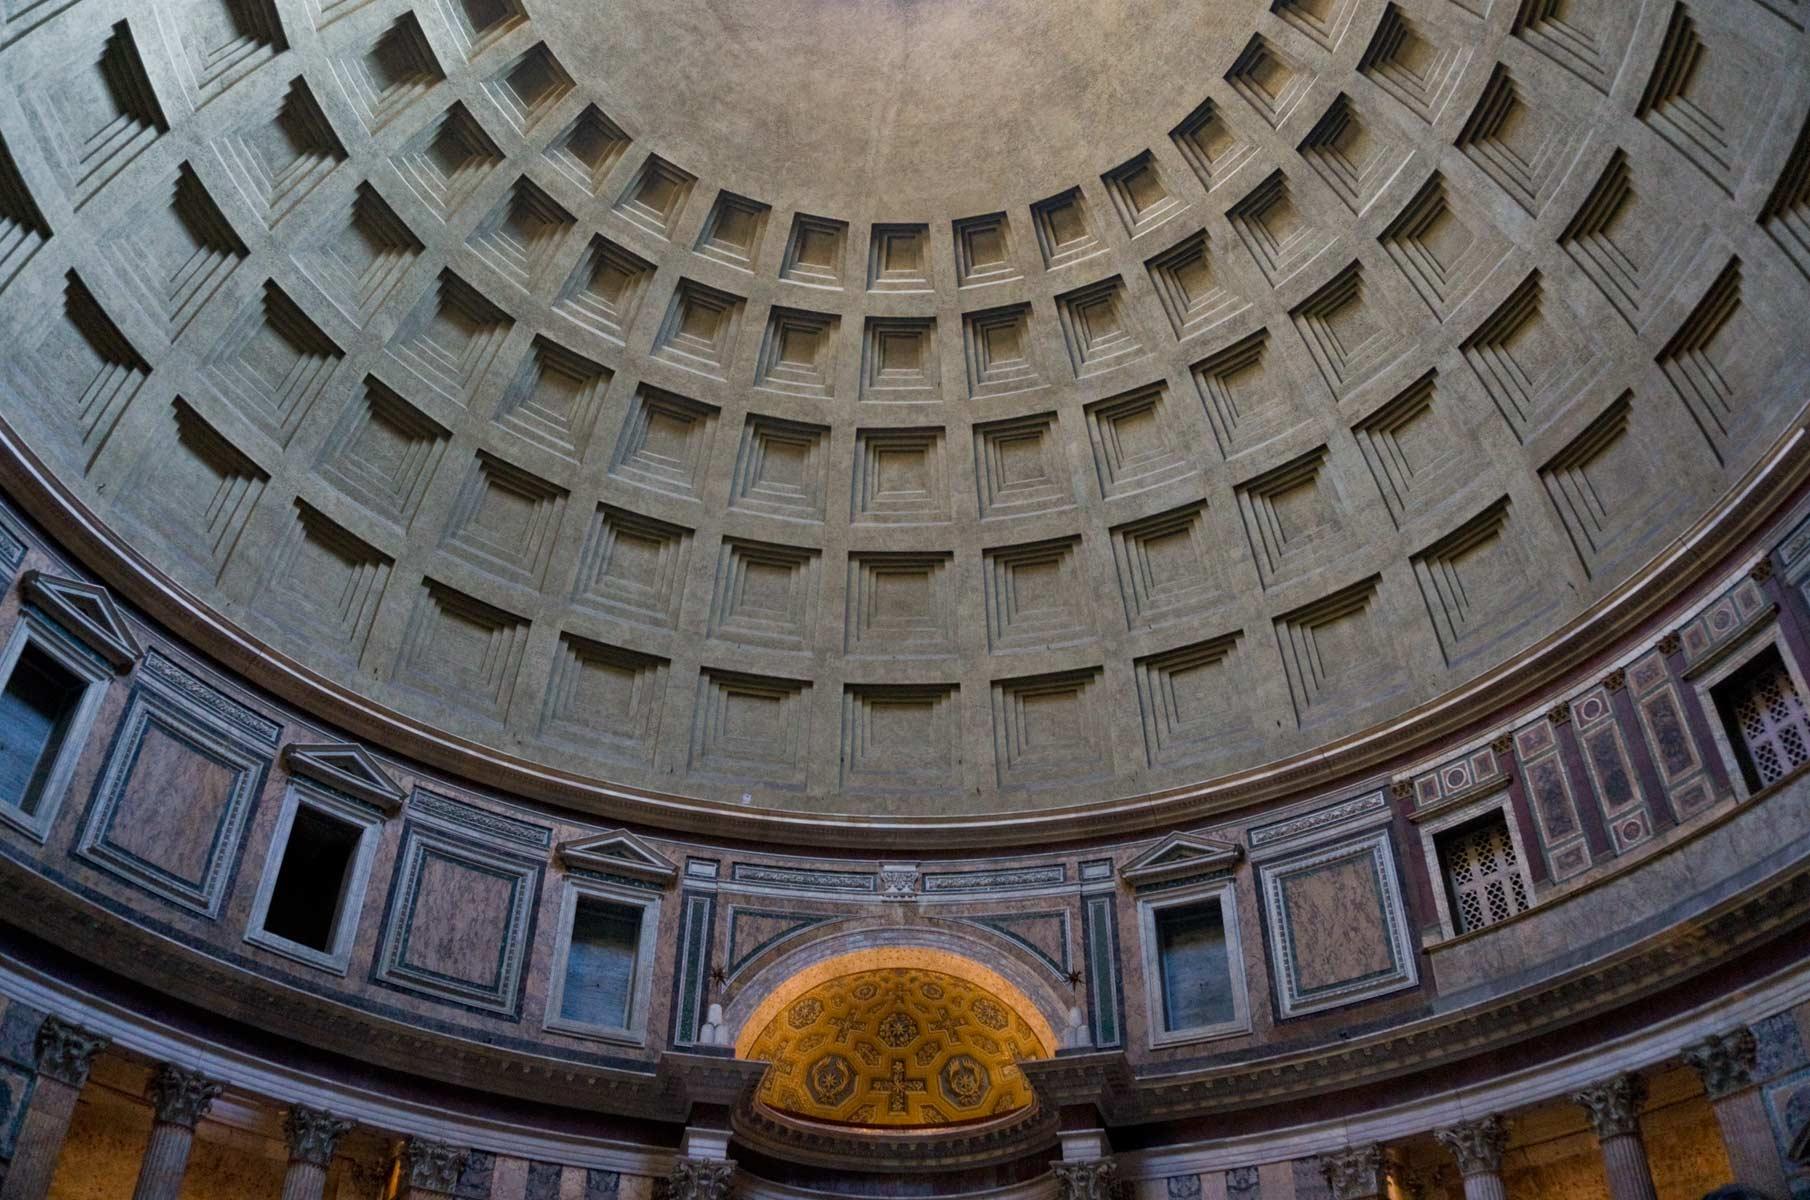 Kuppel des Pantheon in Rom, Italien